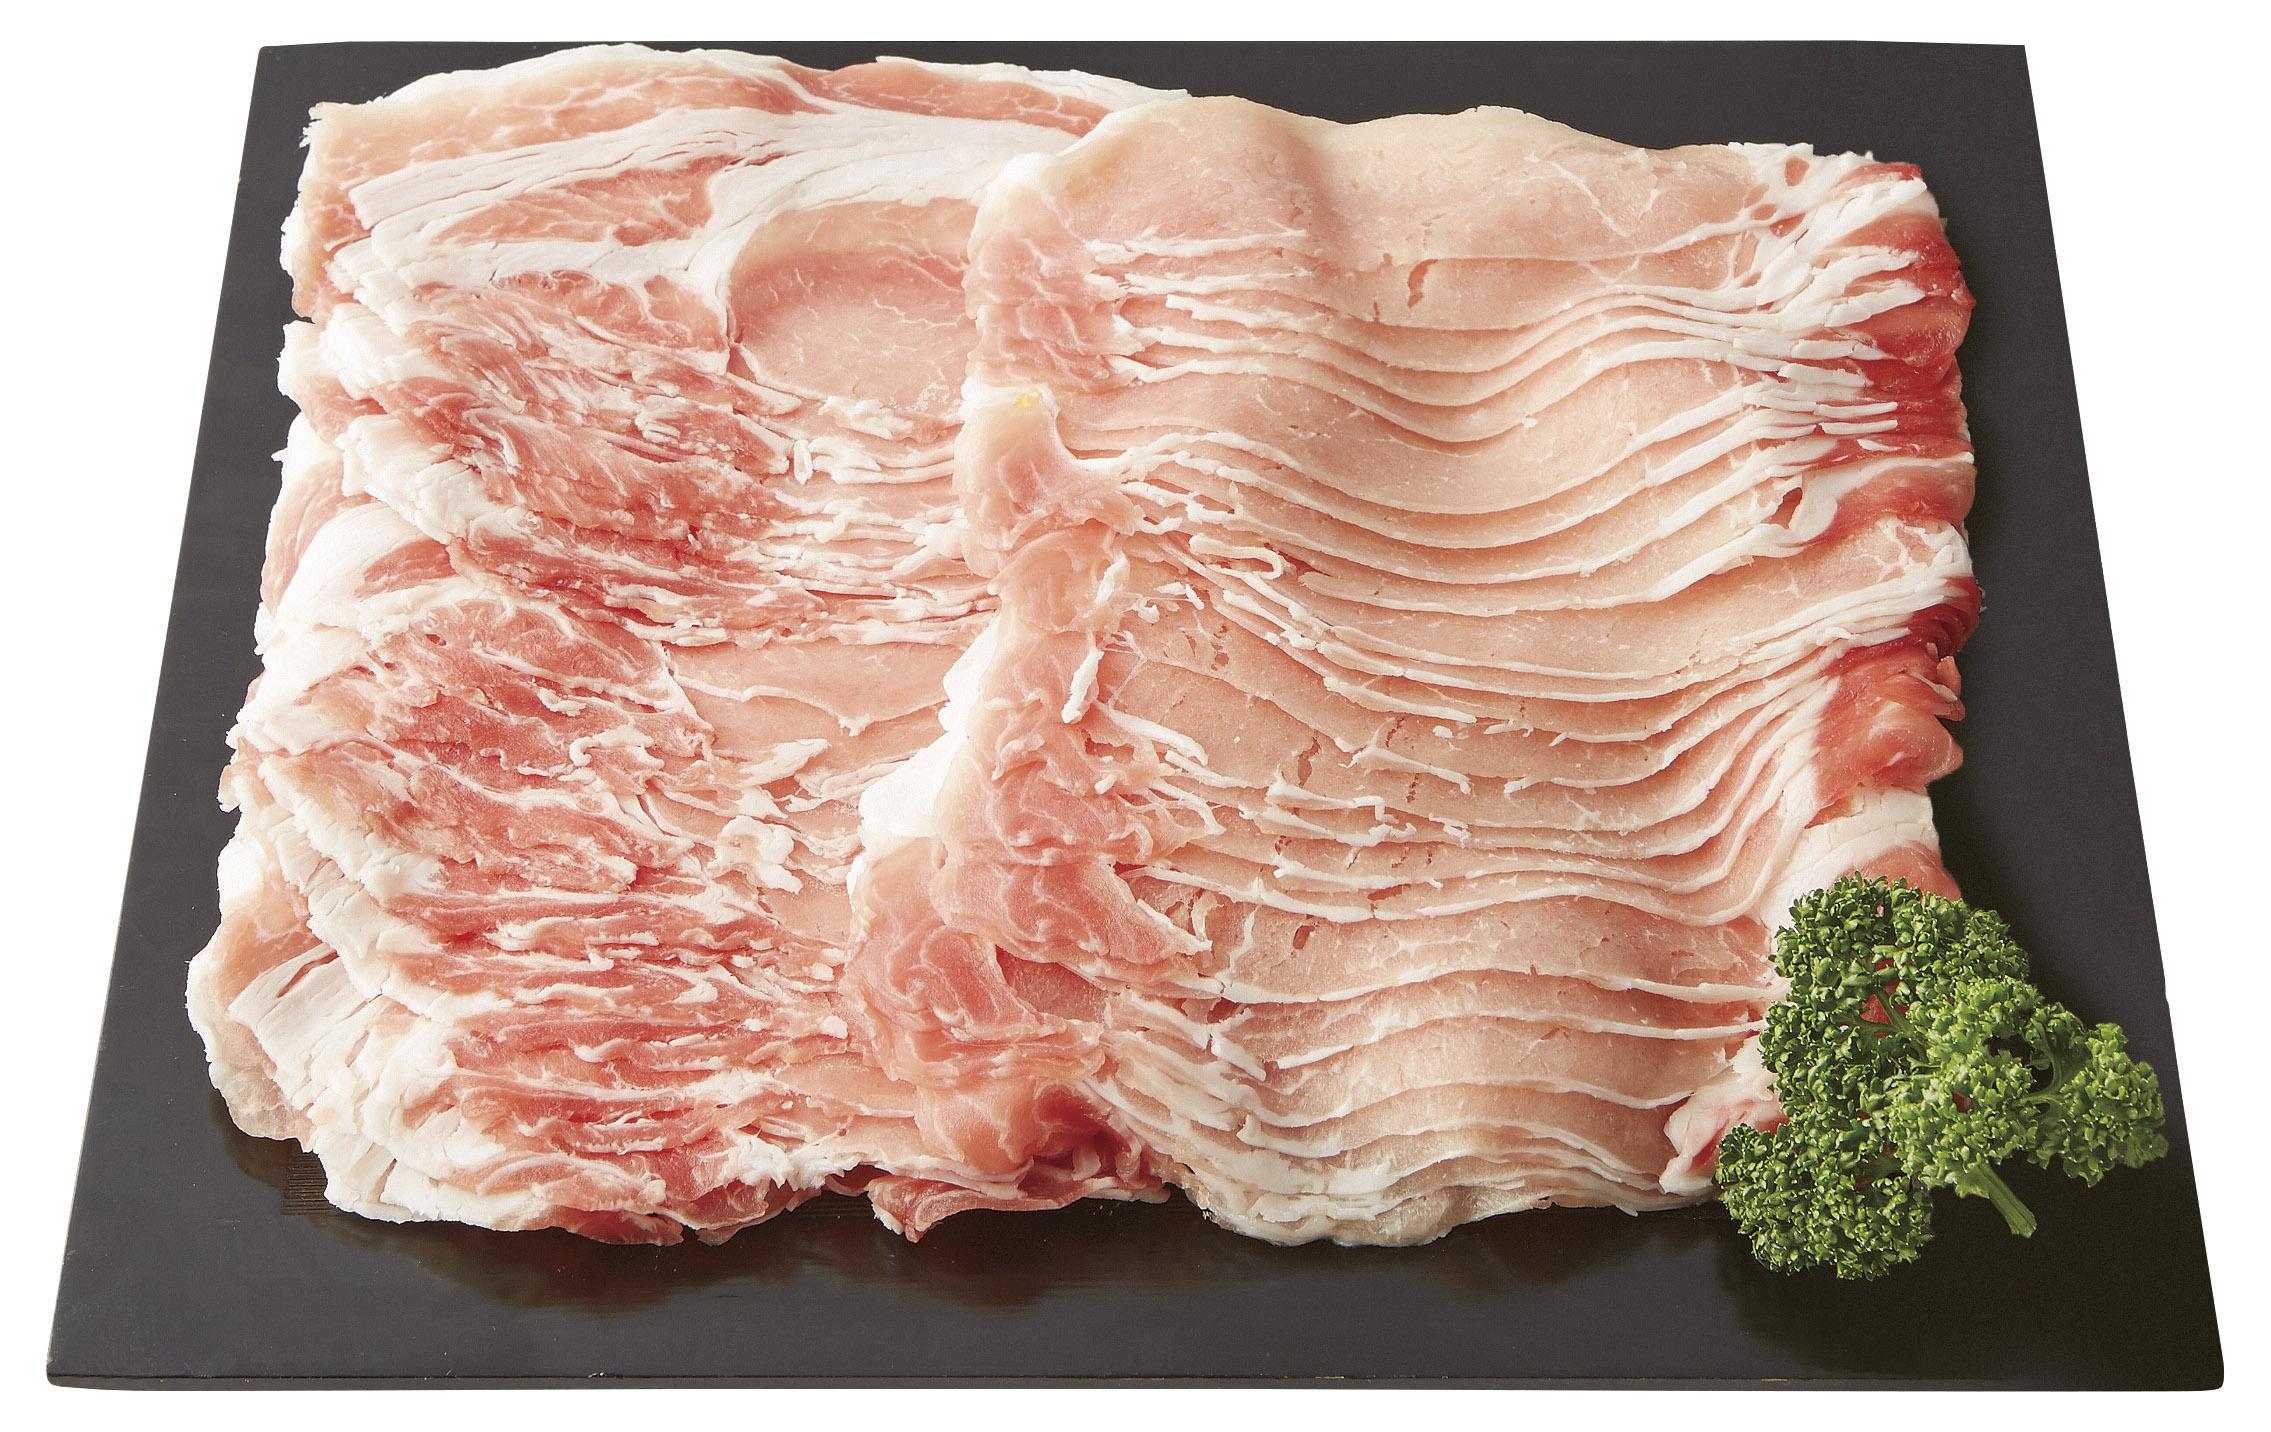 【鹿児島県】南州農場 黒豚 しゃぶしゃぶ用 ロース1kg